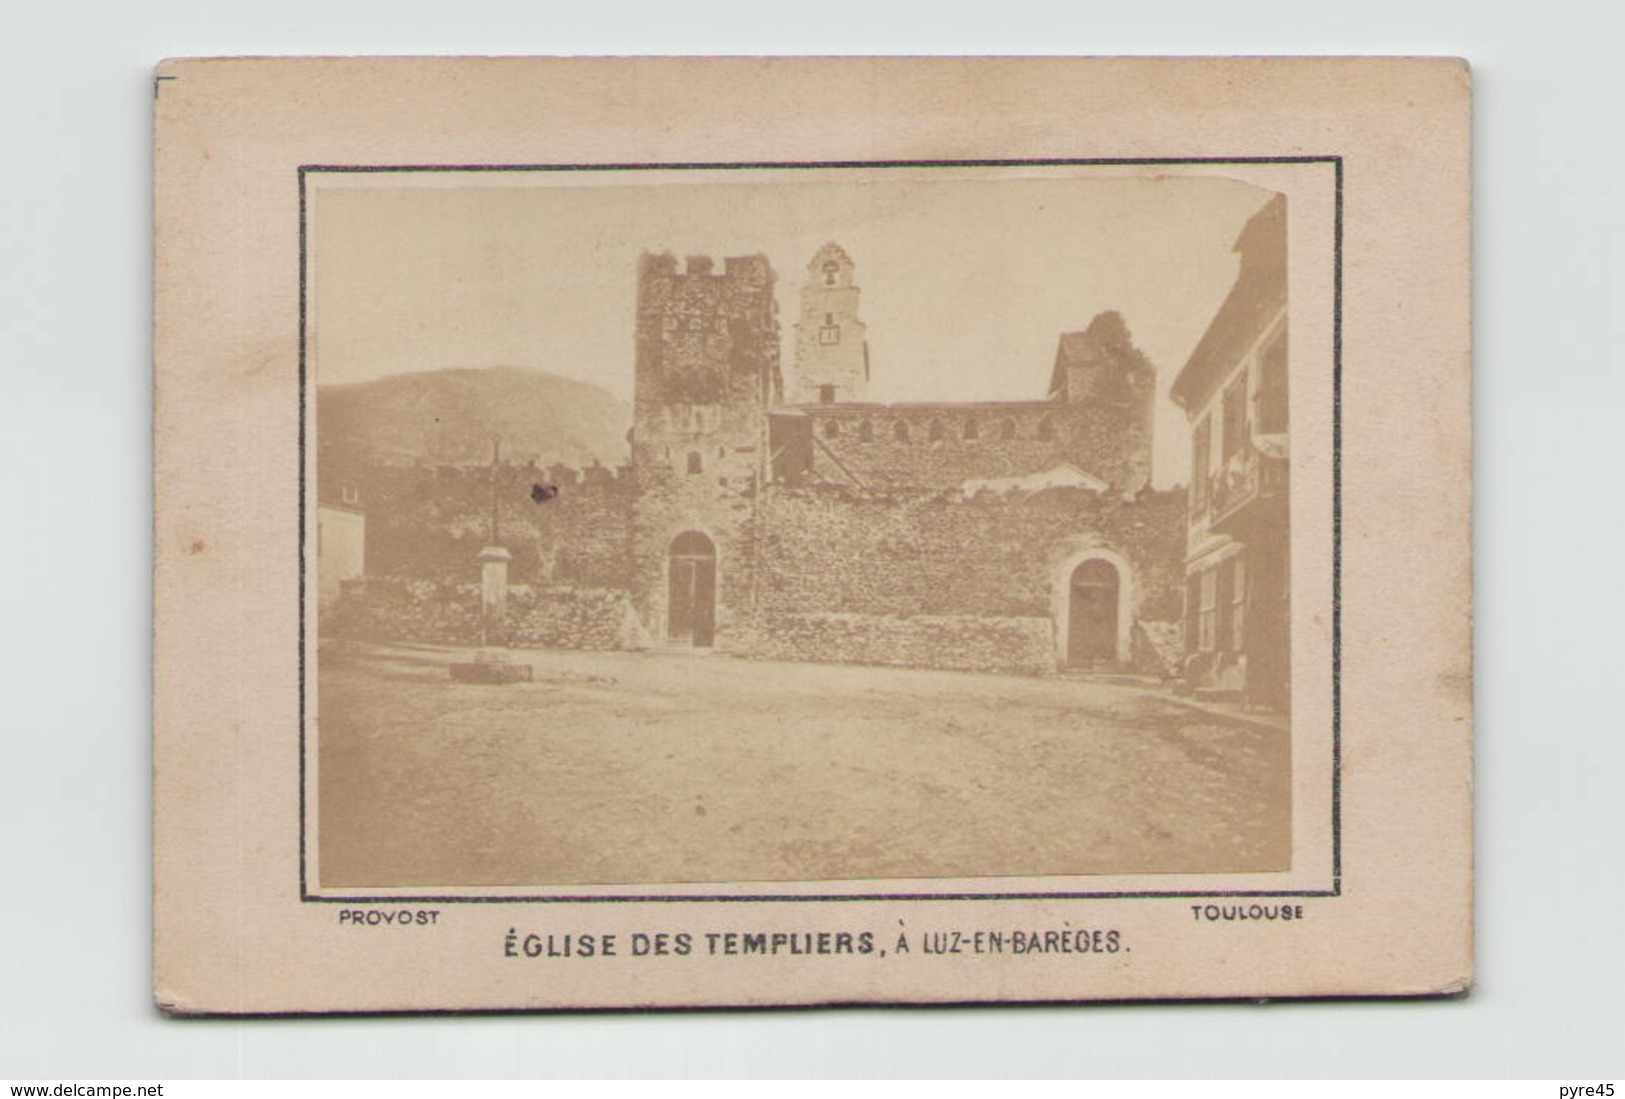 Photo Albumine ( 11 X 8 Cm ) Collée Sur Carton Eglise Des Templiers à Luz-en-Bareges - Lieux